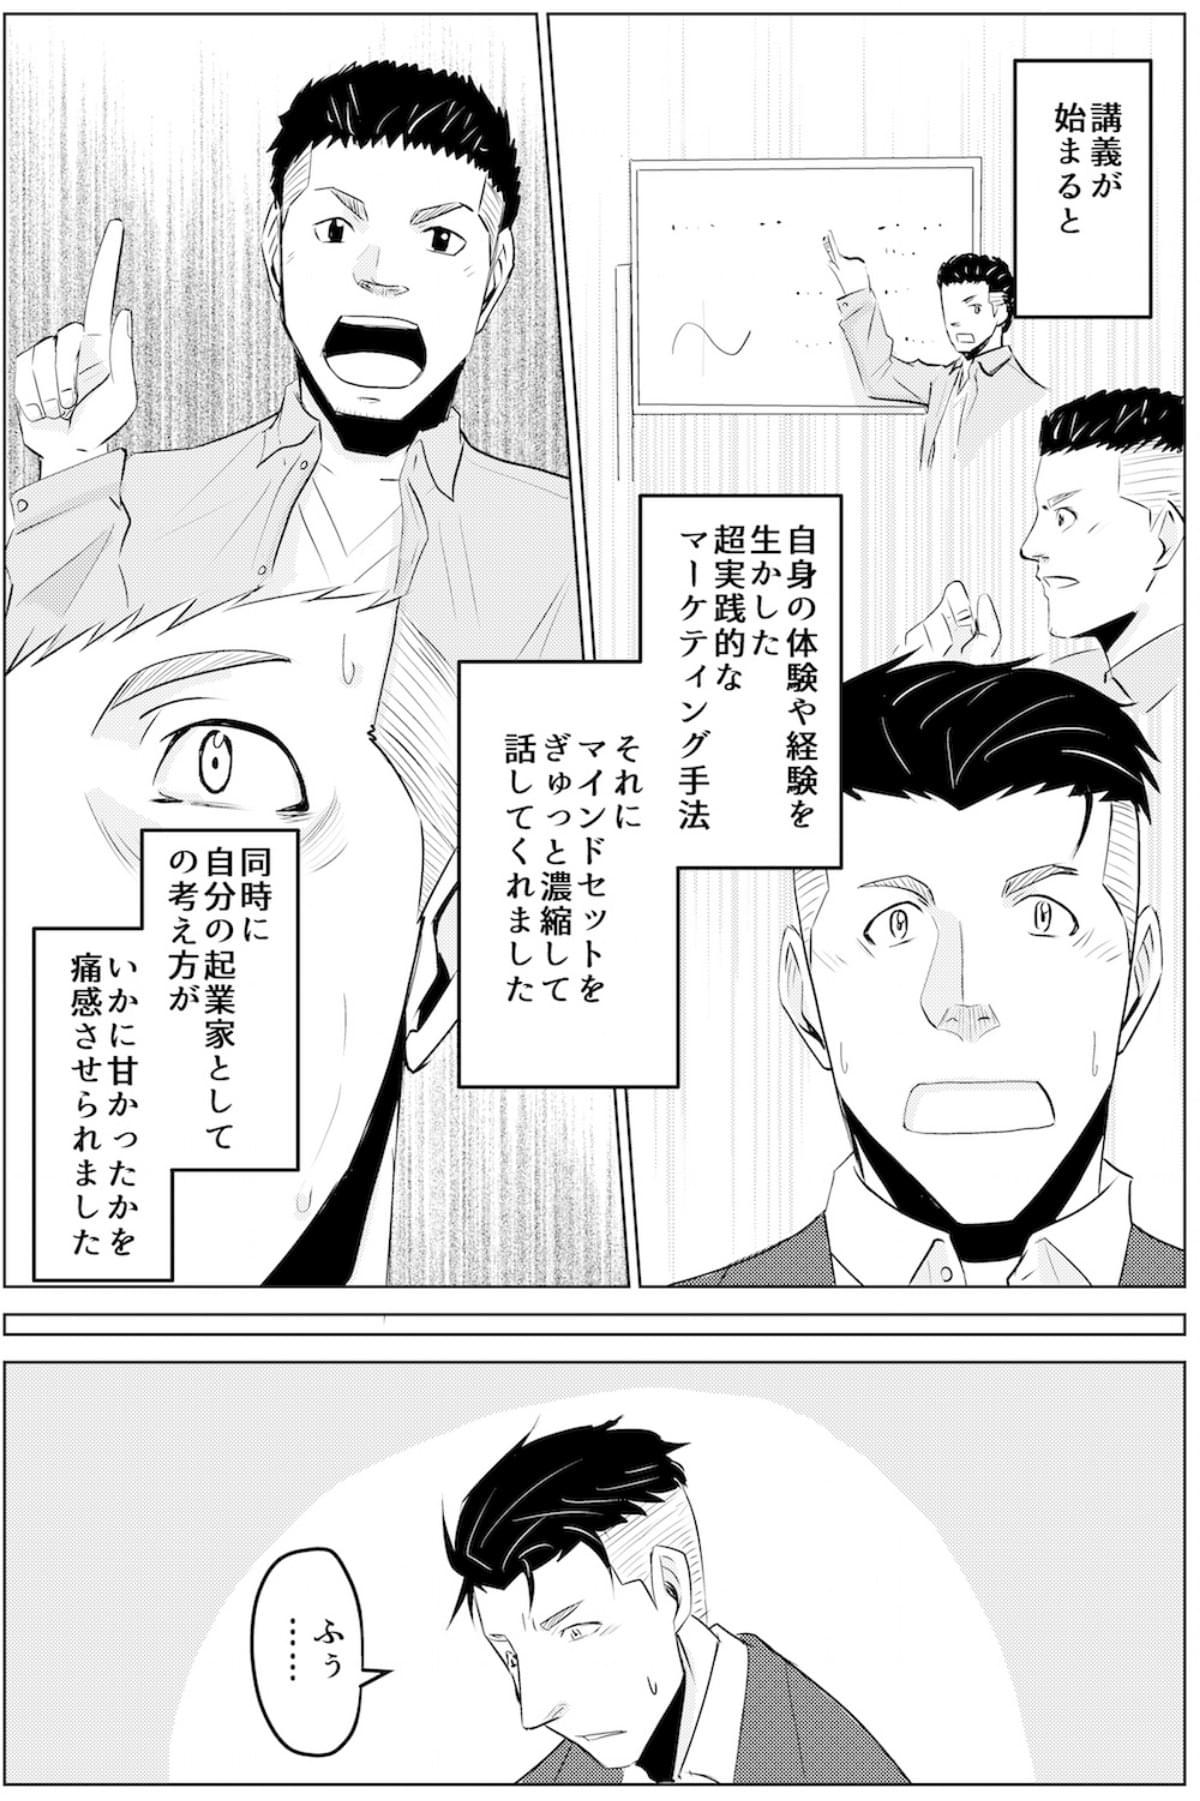 チャレンジャーズ漫画_006